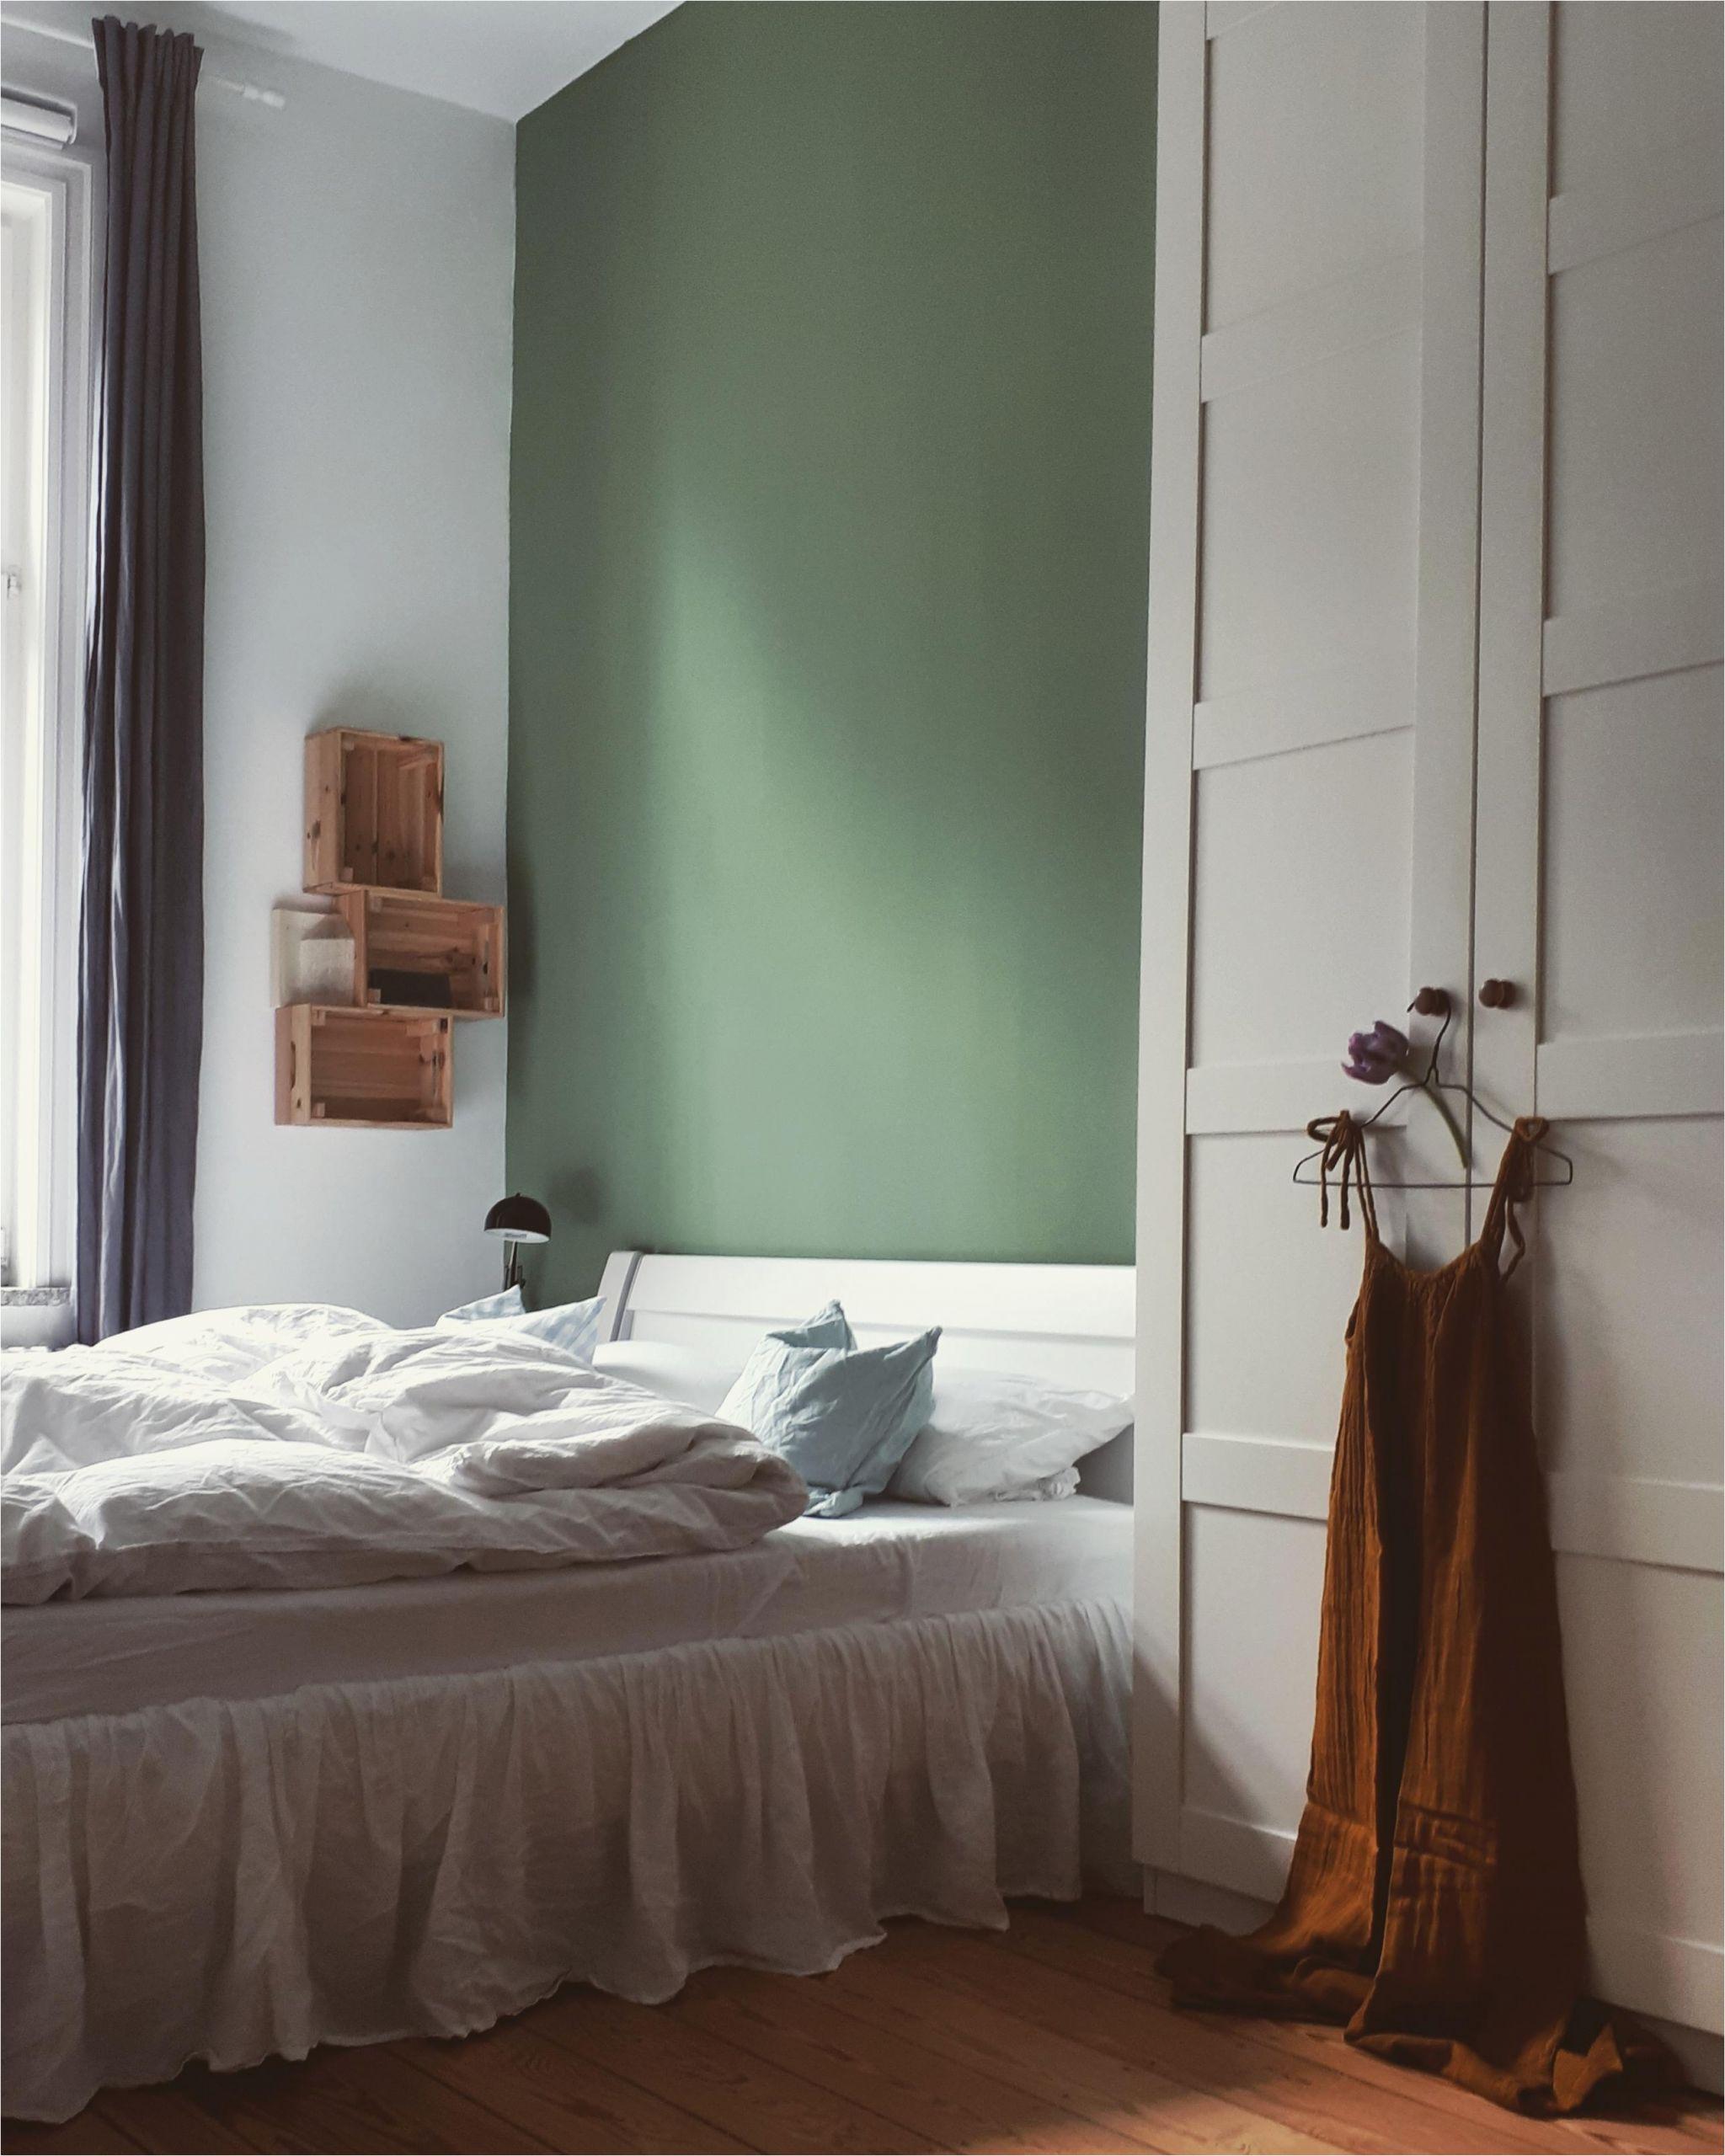 bedroom schlafzimmer bett altbau altbauliebe gruen d9748a23 6218 49bb 991e 1803b17e21a5